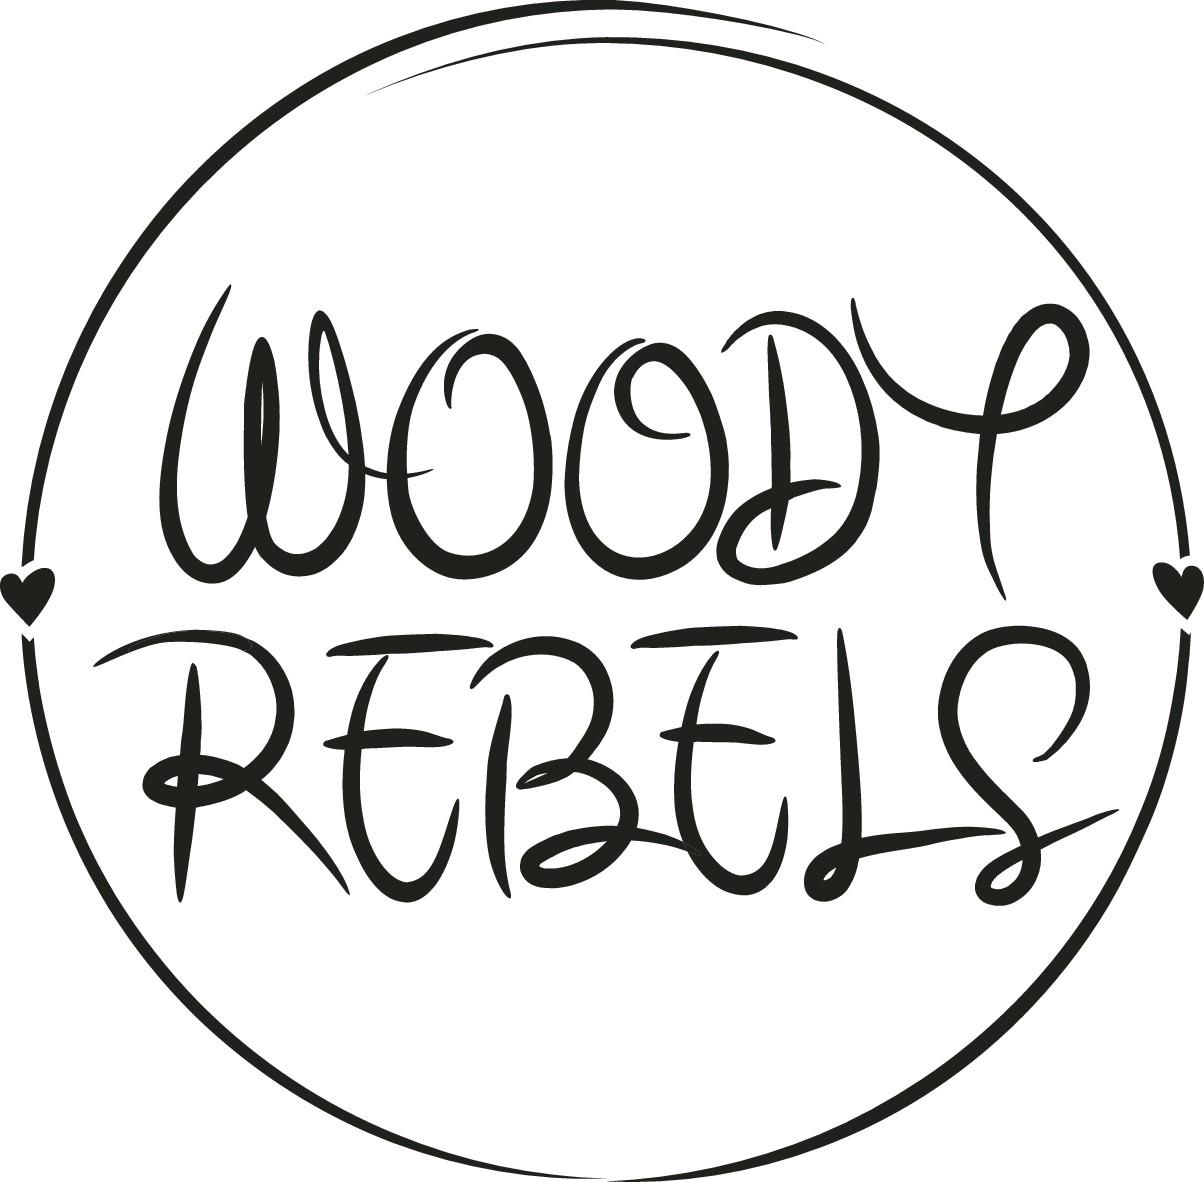 Unterlogo für Woody Rebels